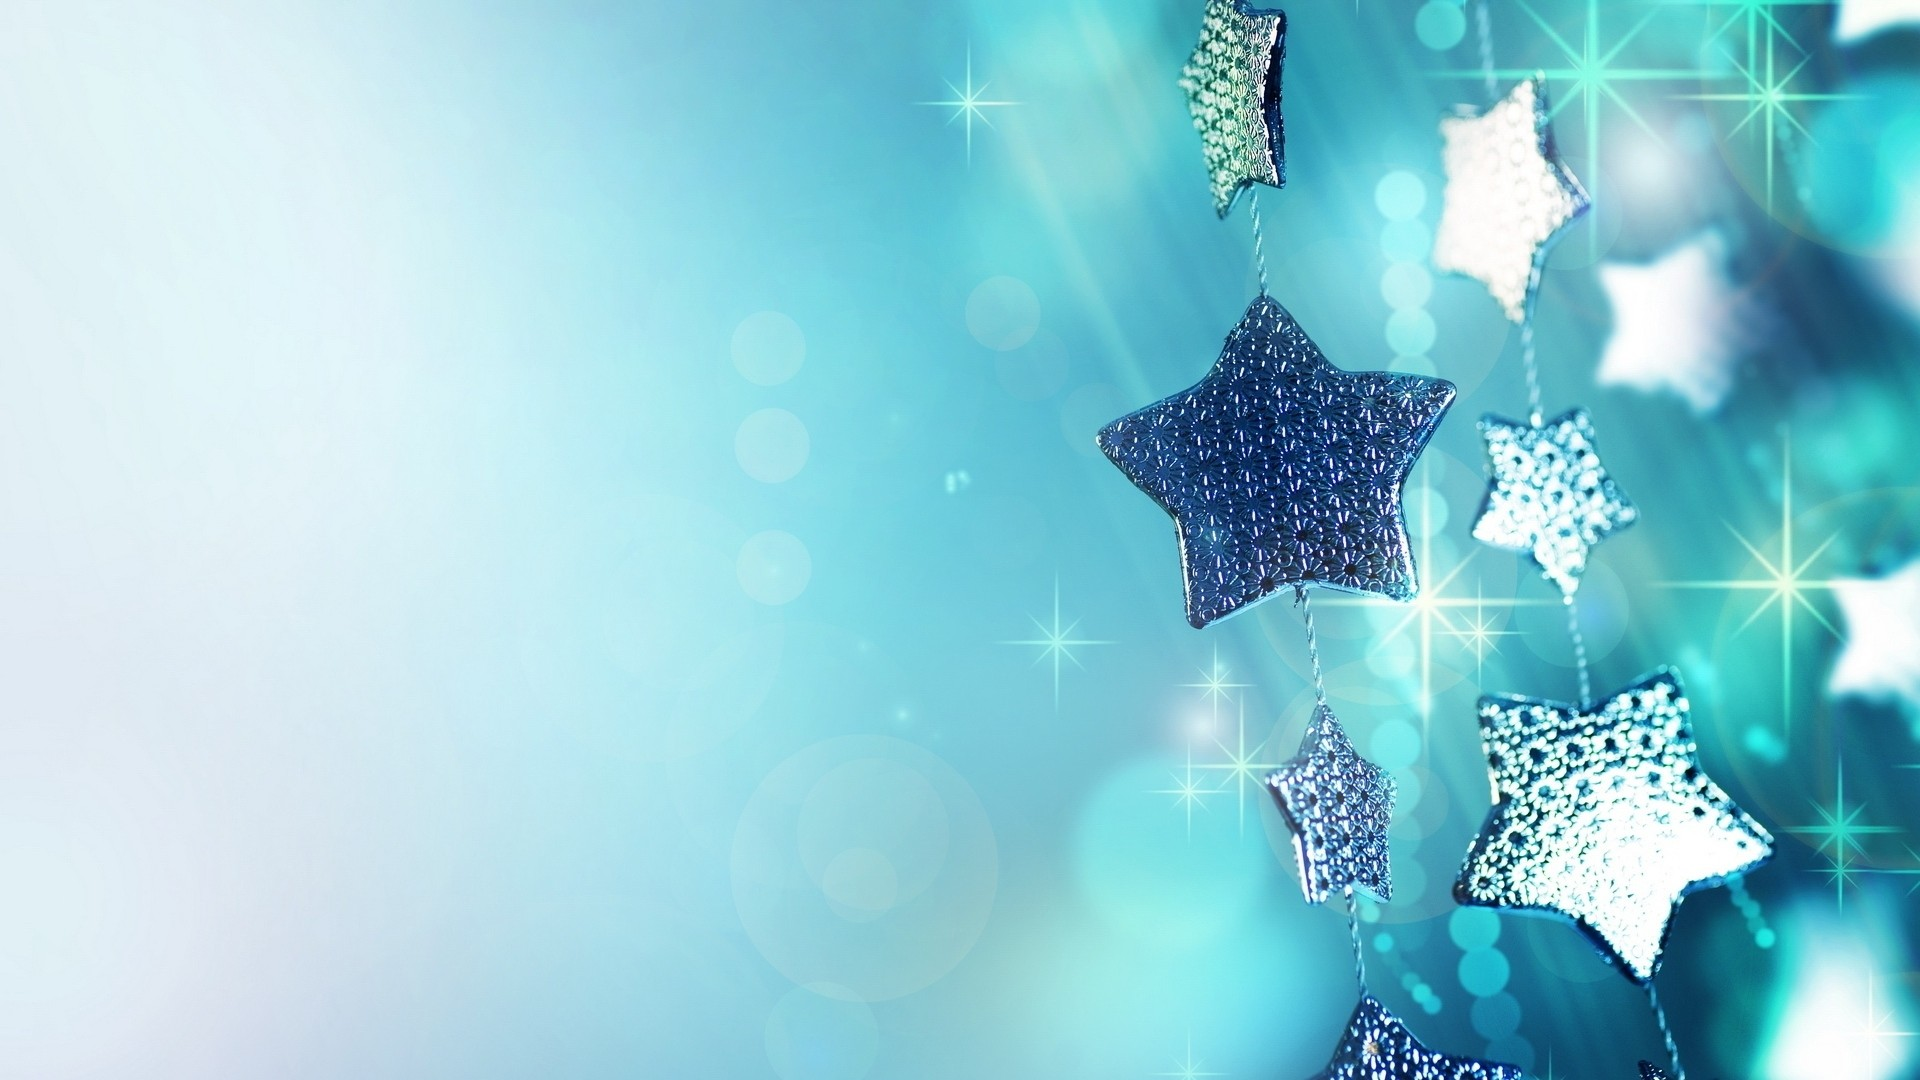 Res: 1920x1080, 8. sparkle-desktop-wallpaper8-600x338